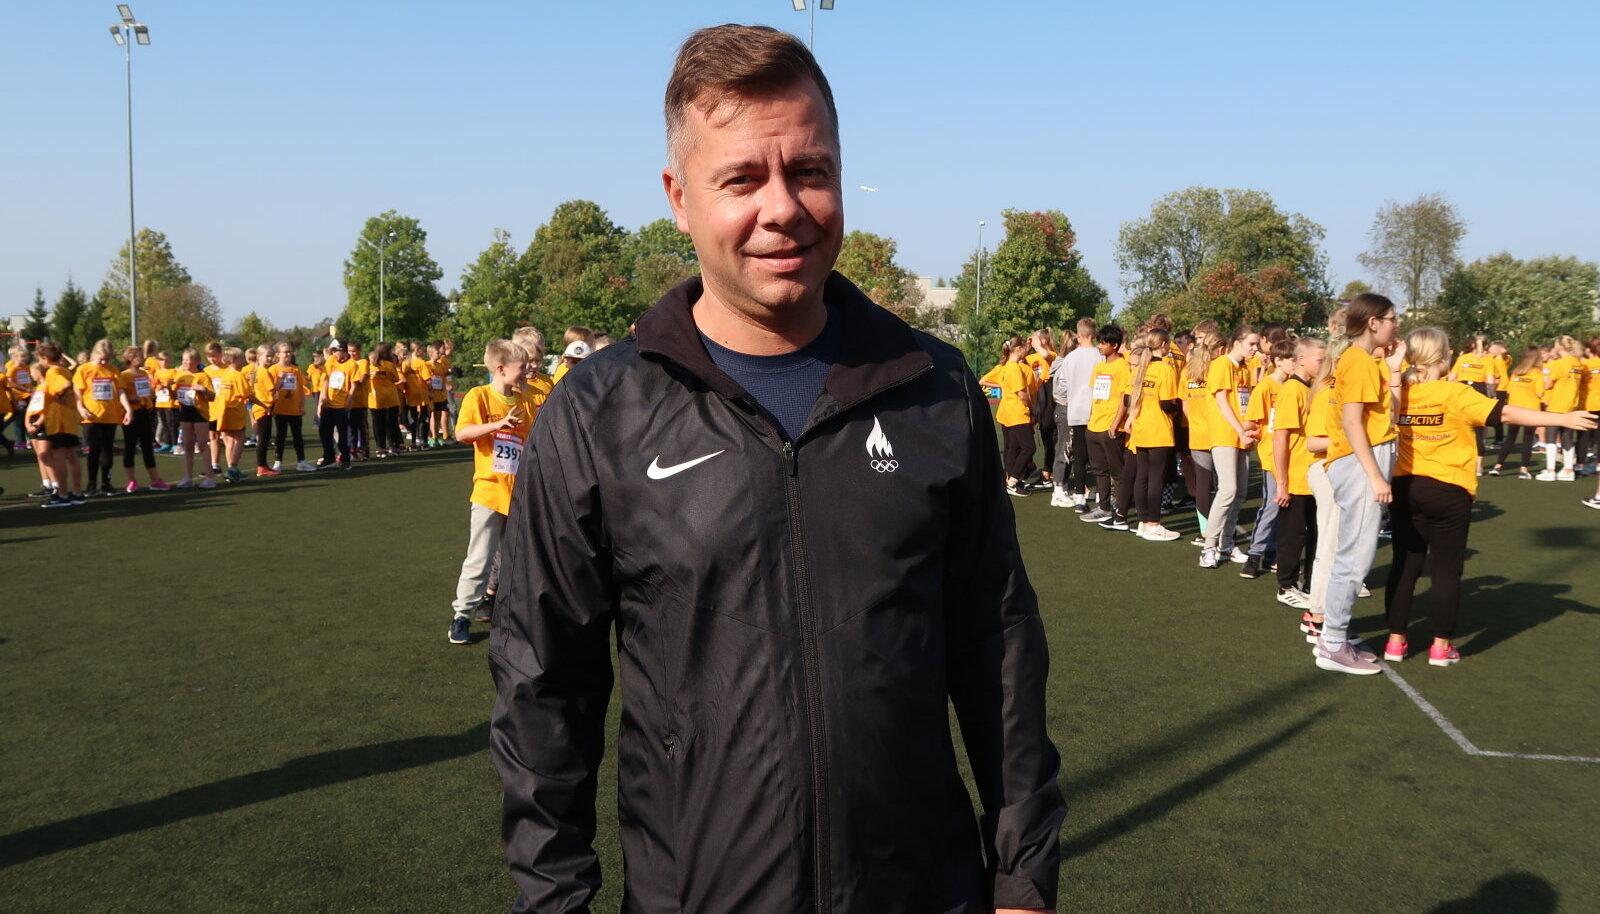 Eesti Olümpiakomitee liikumisharrastuse juht Peeter Lusmägi